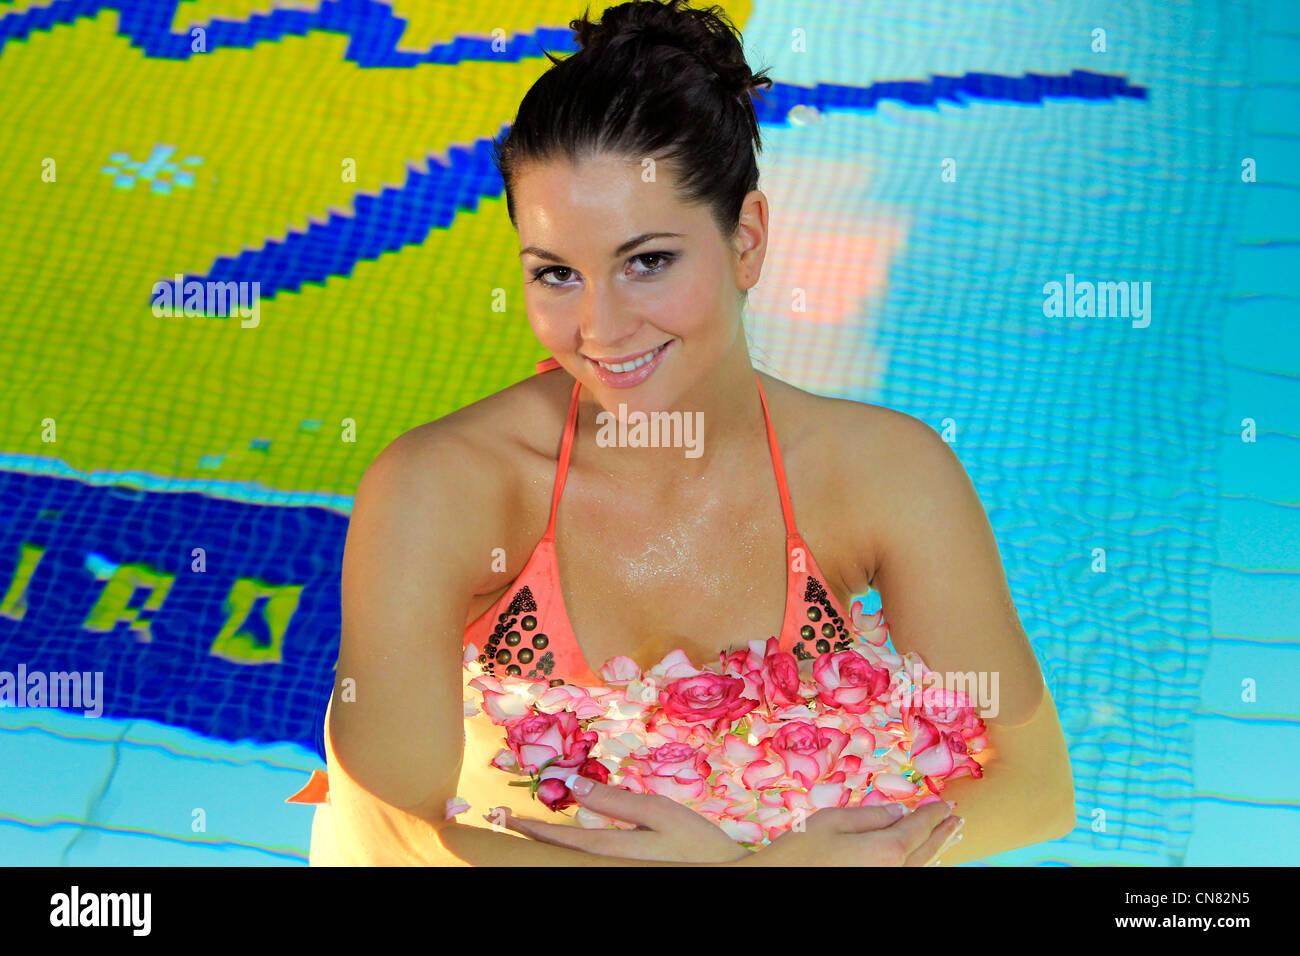 ab9a3711f832b Woman In Swimmingpool Stock Photos   Woman In Swimmingpool Stock ...